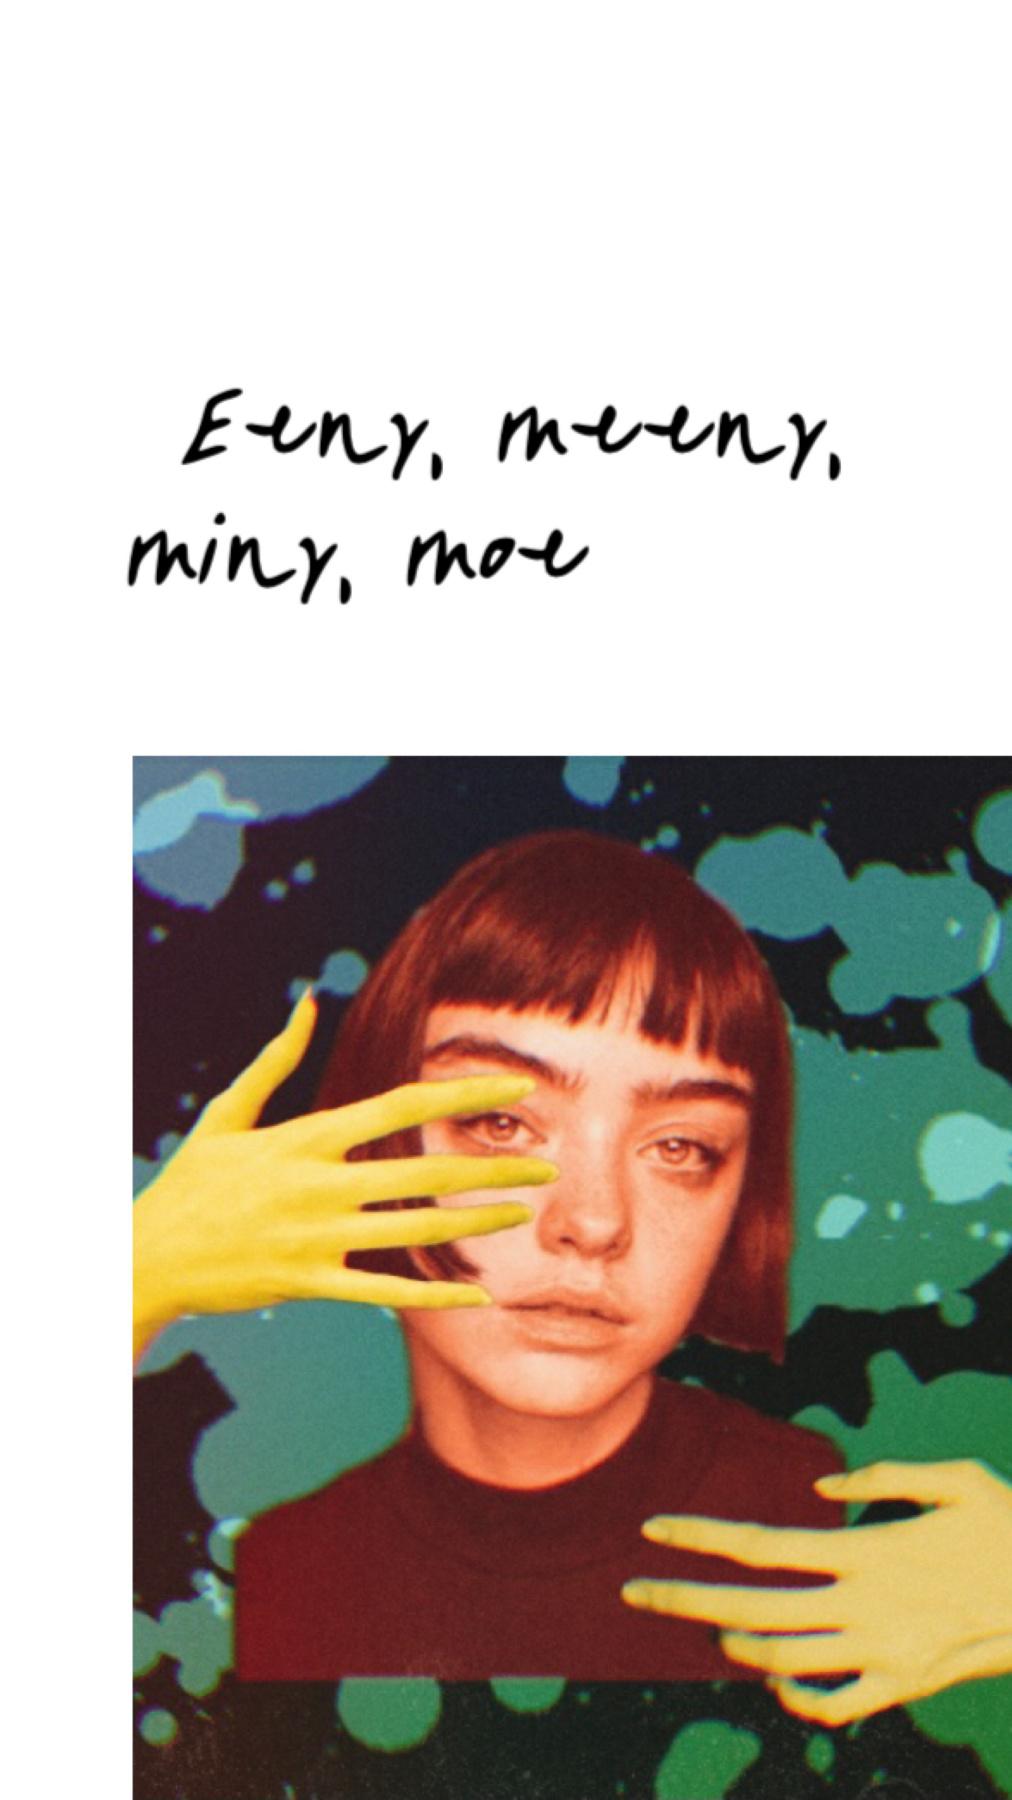 Maria Mikhailova. Eeny meeny miny moe